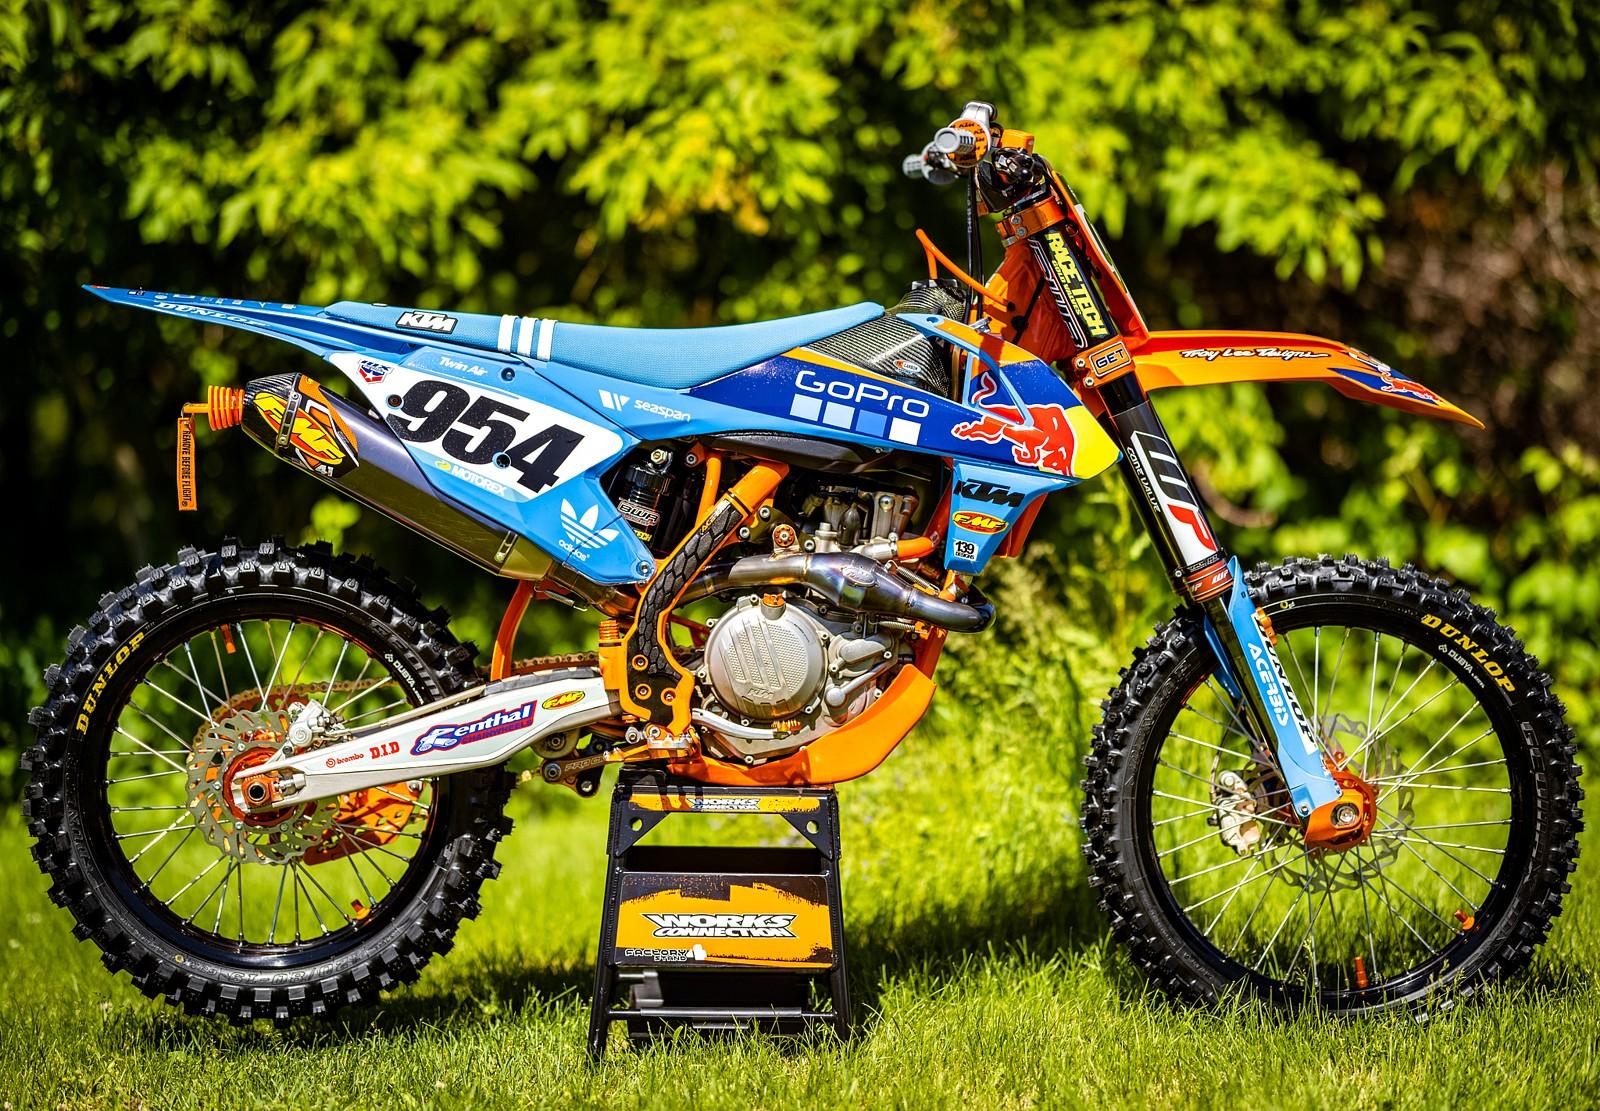 ktm 17 - GForce MMG - Motocross Pictures - Vital MX